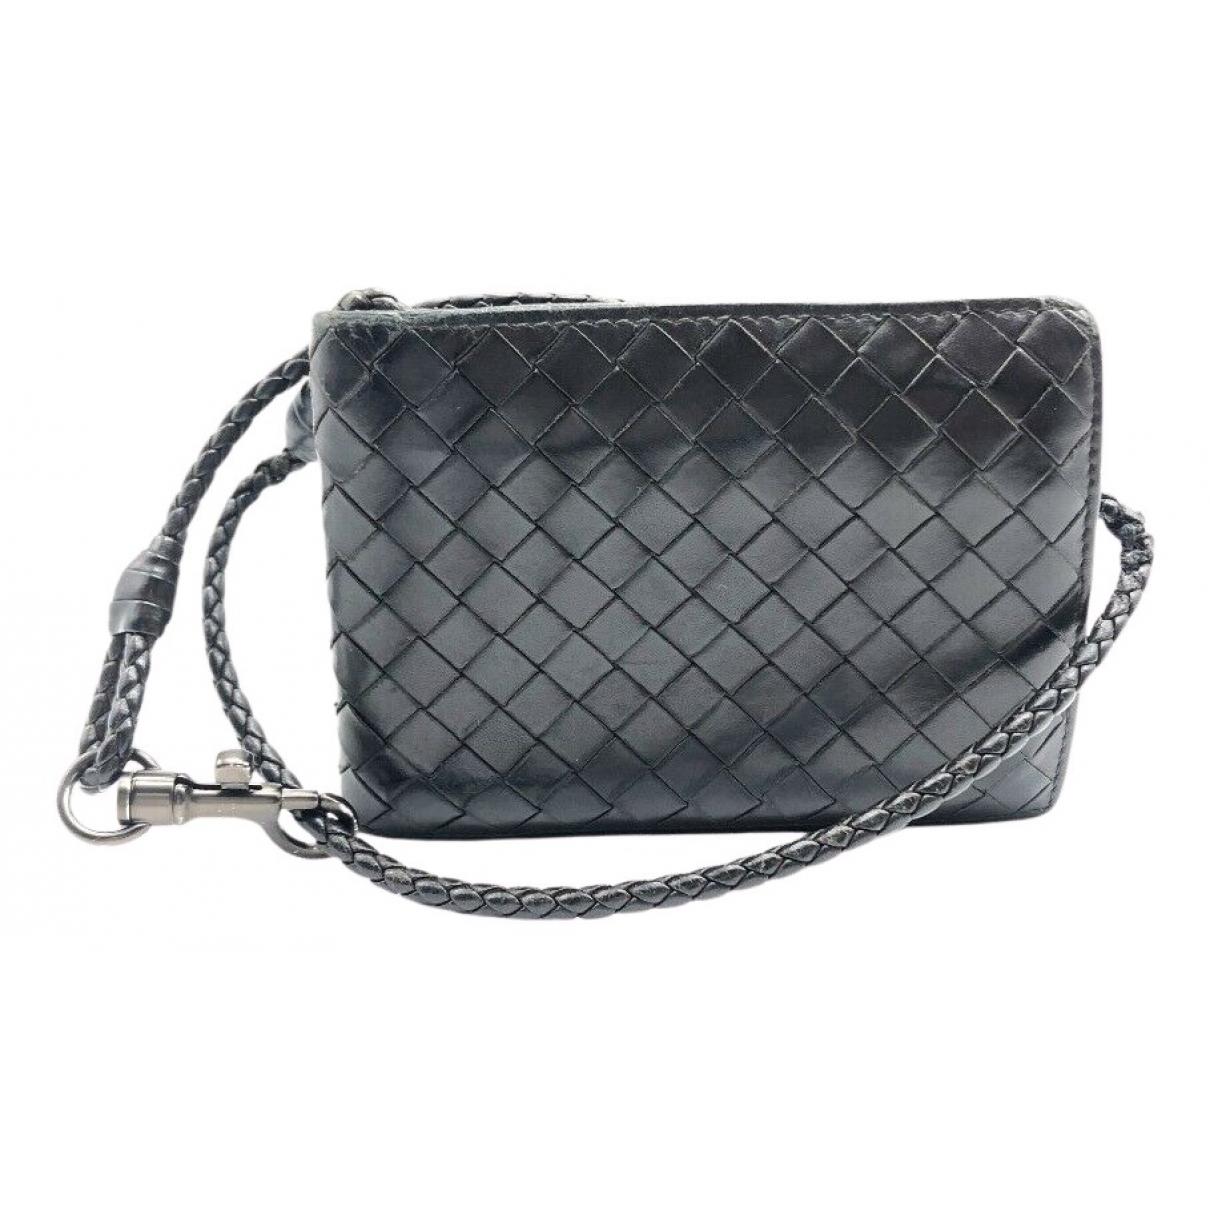 Bottega Veneta N Brown Leather wallet for Women N